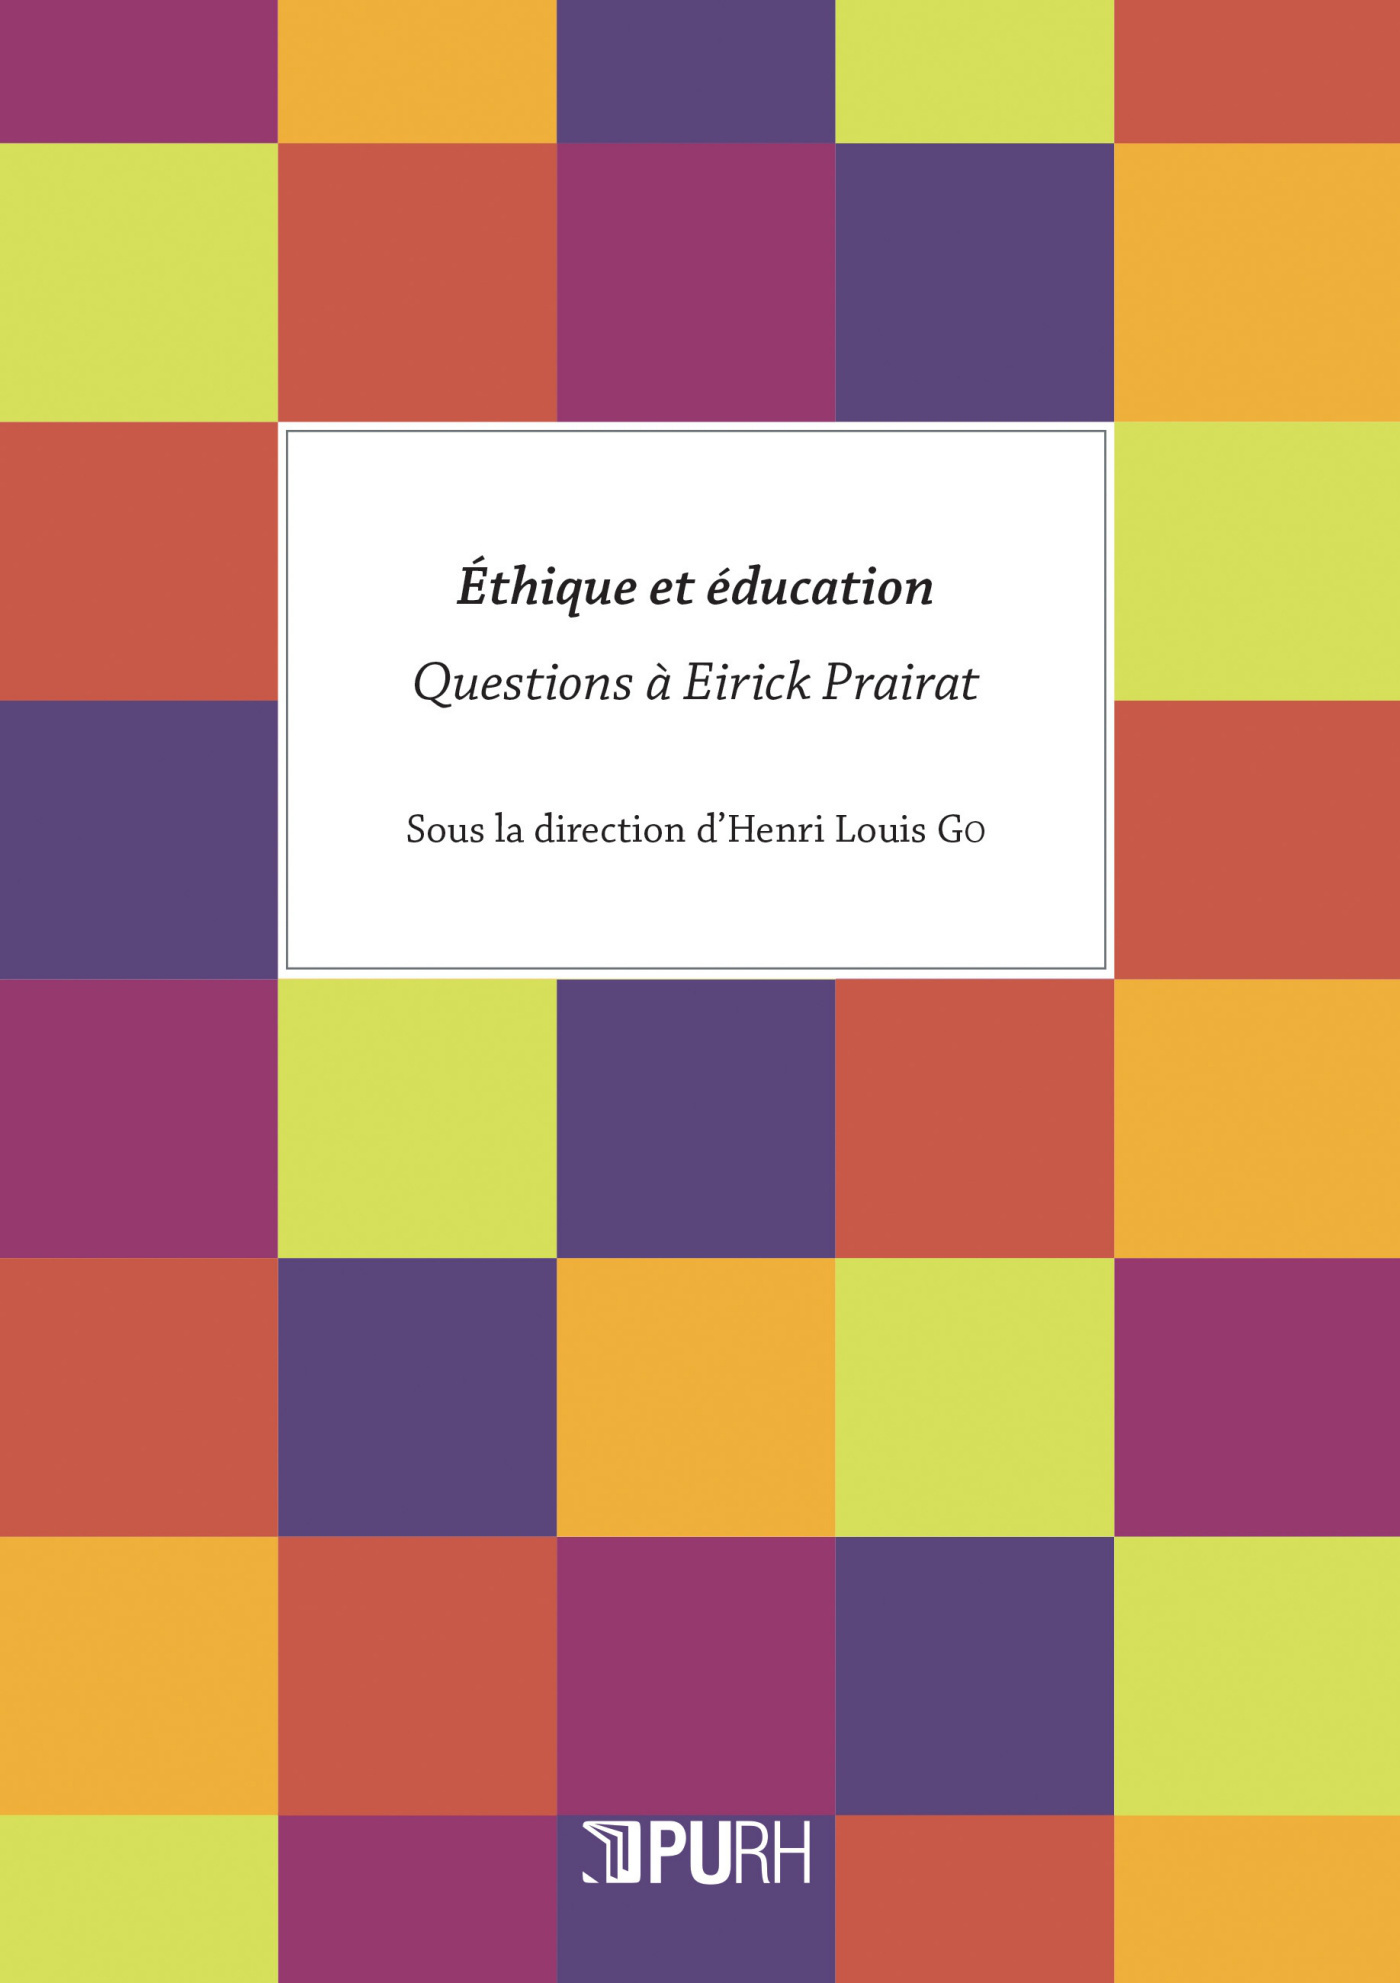 ETHIQUE ET EDUCATION. QUESTIONS A EIRICK PRAIRAT